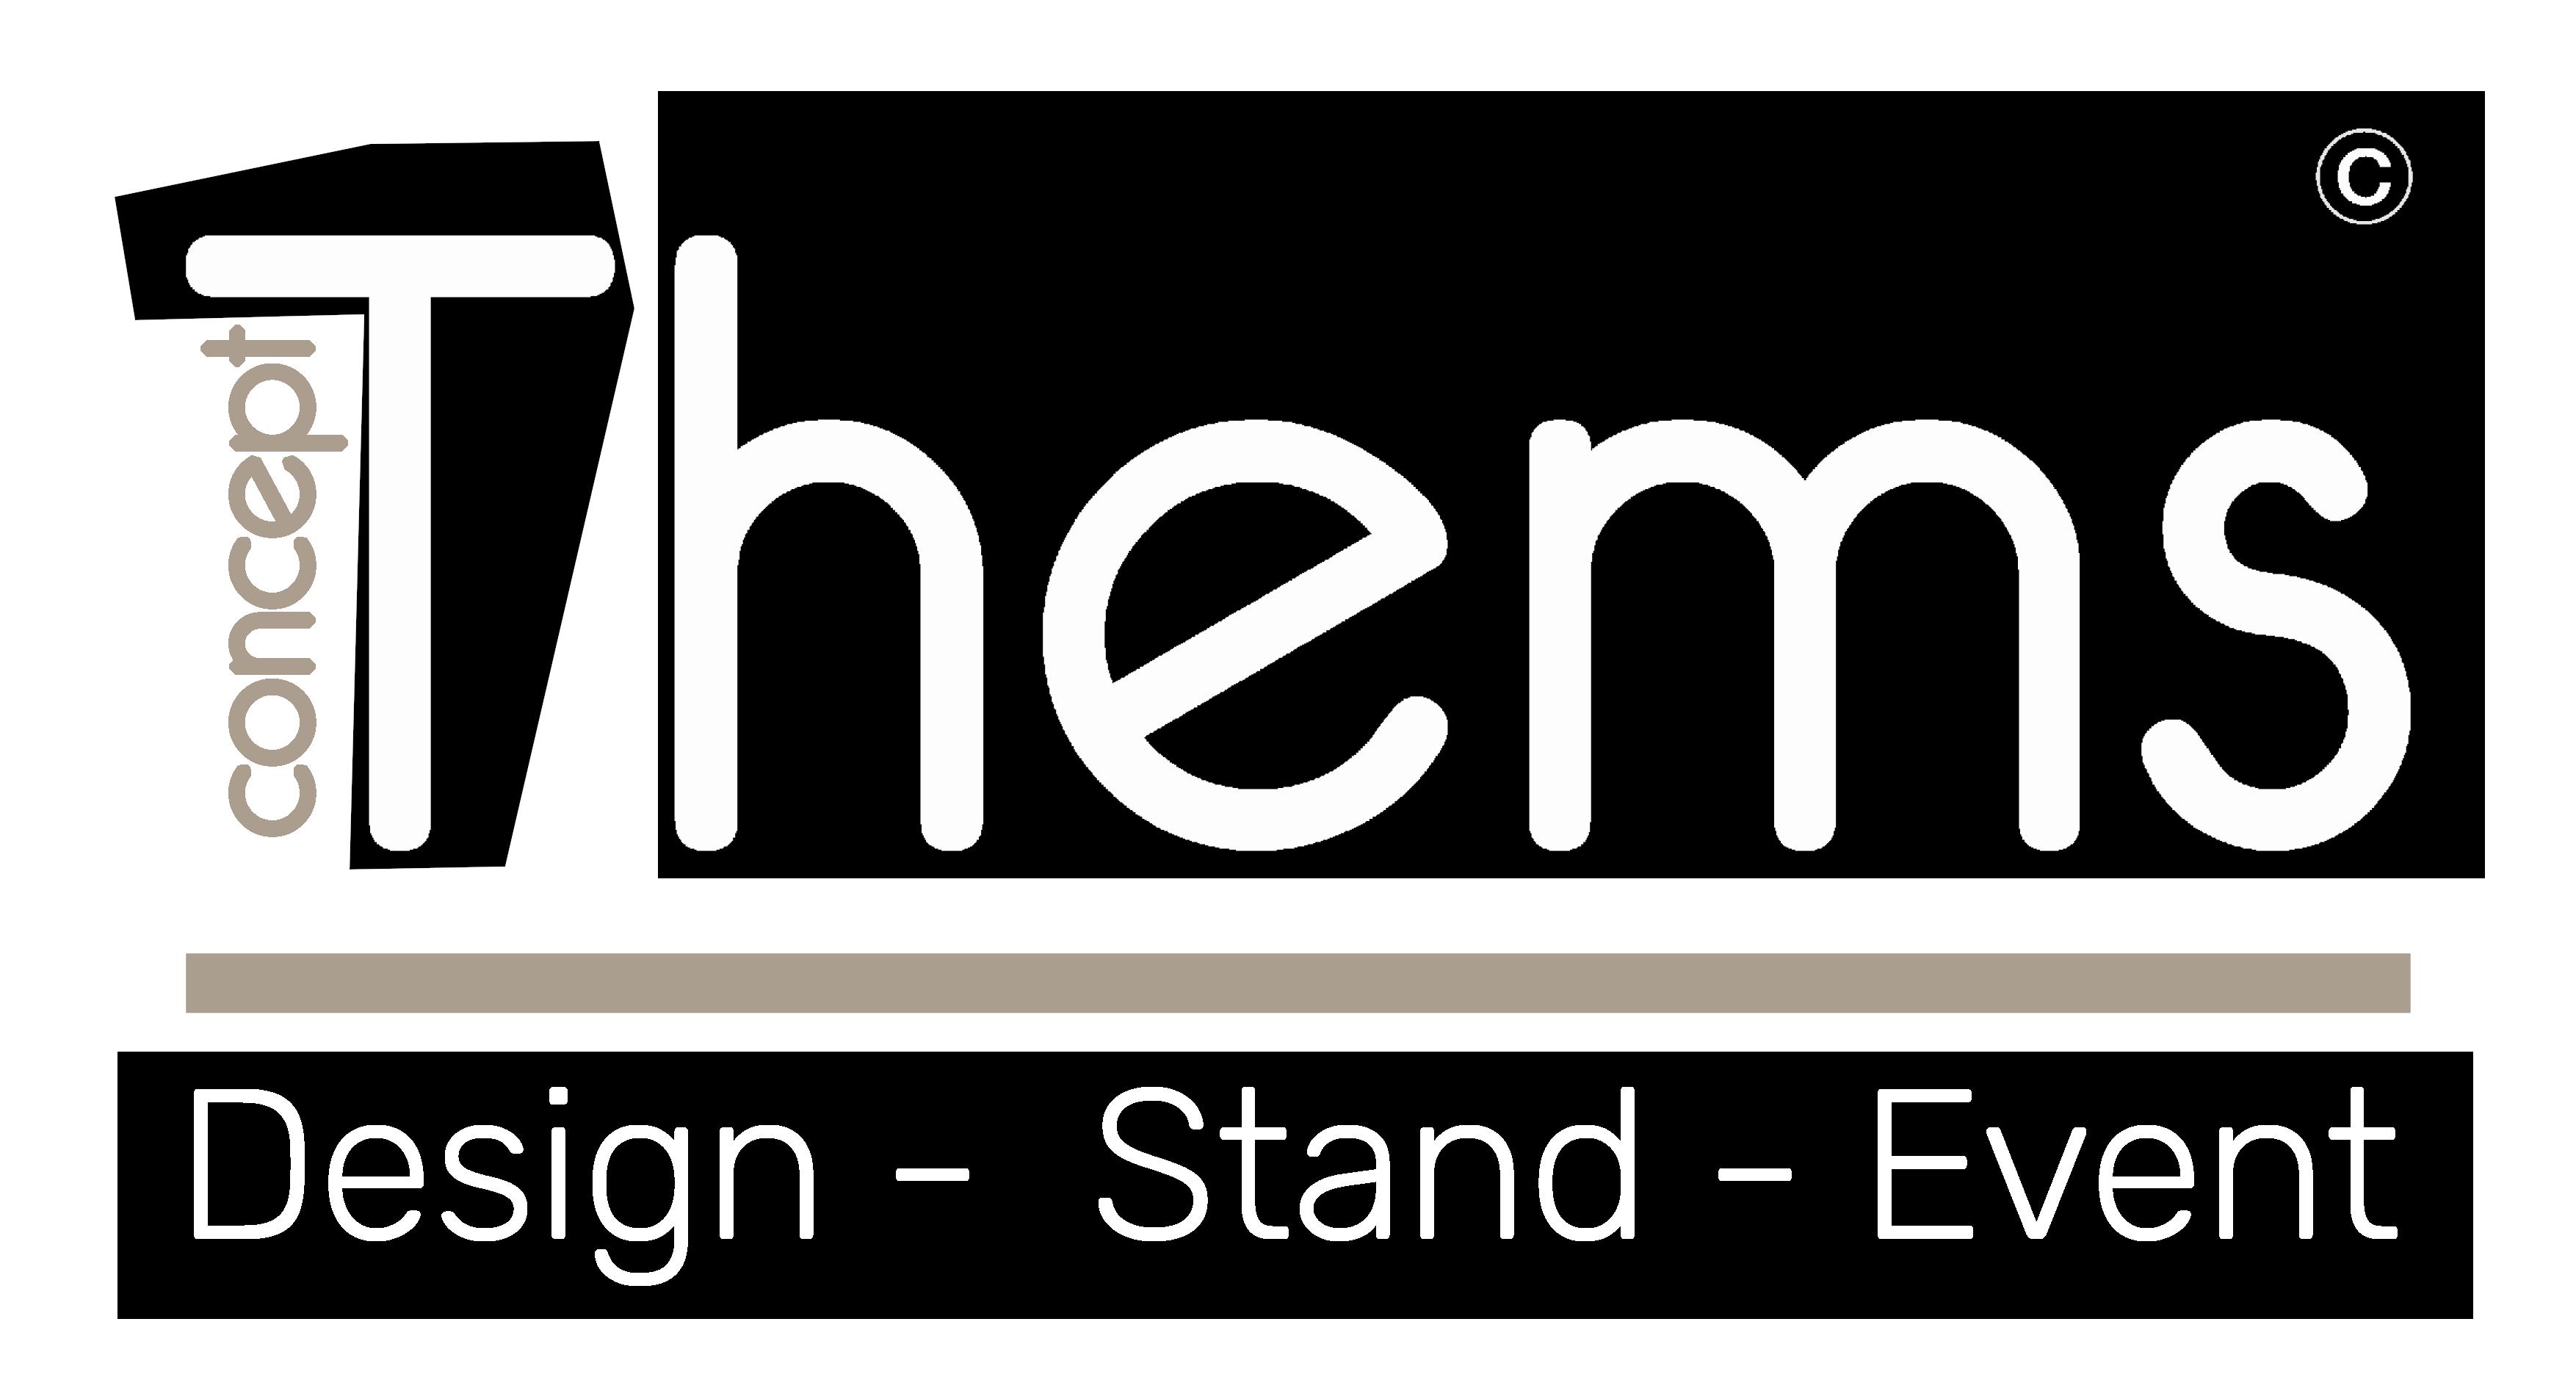 Themsconcept.com